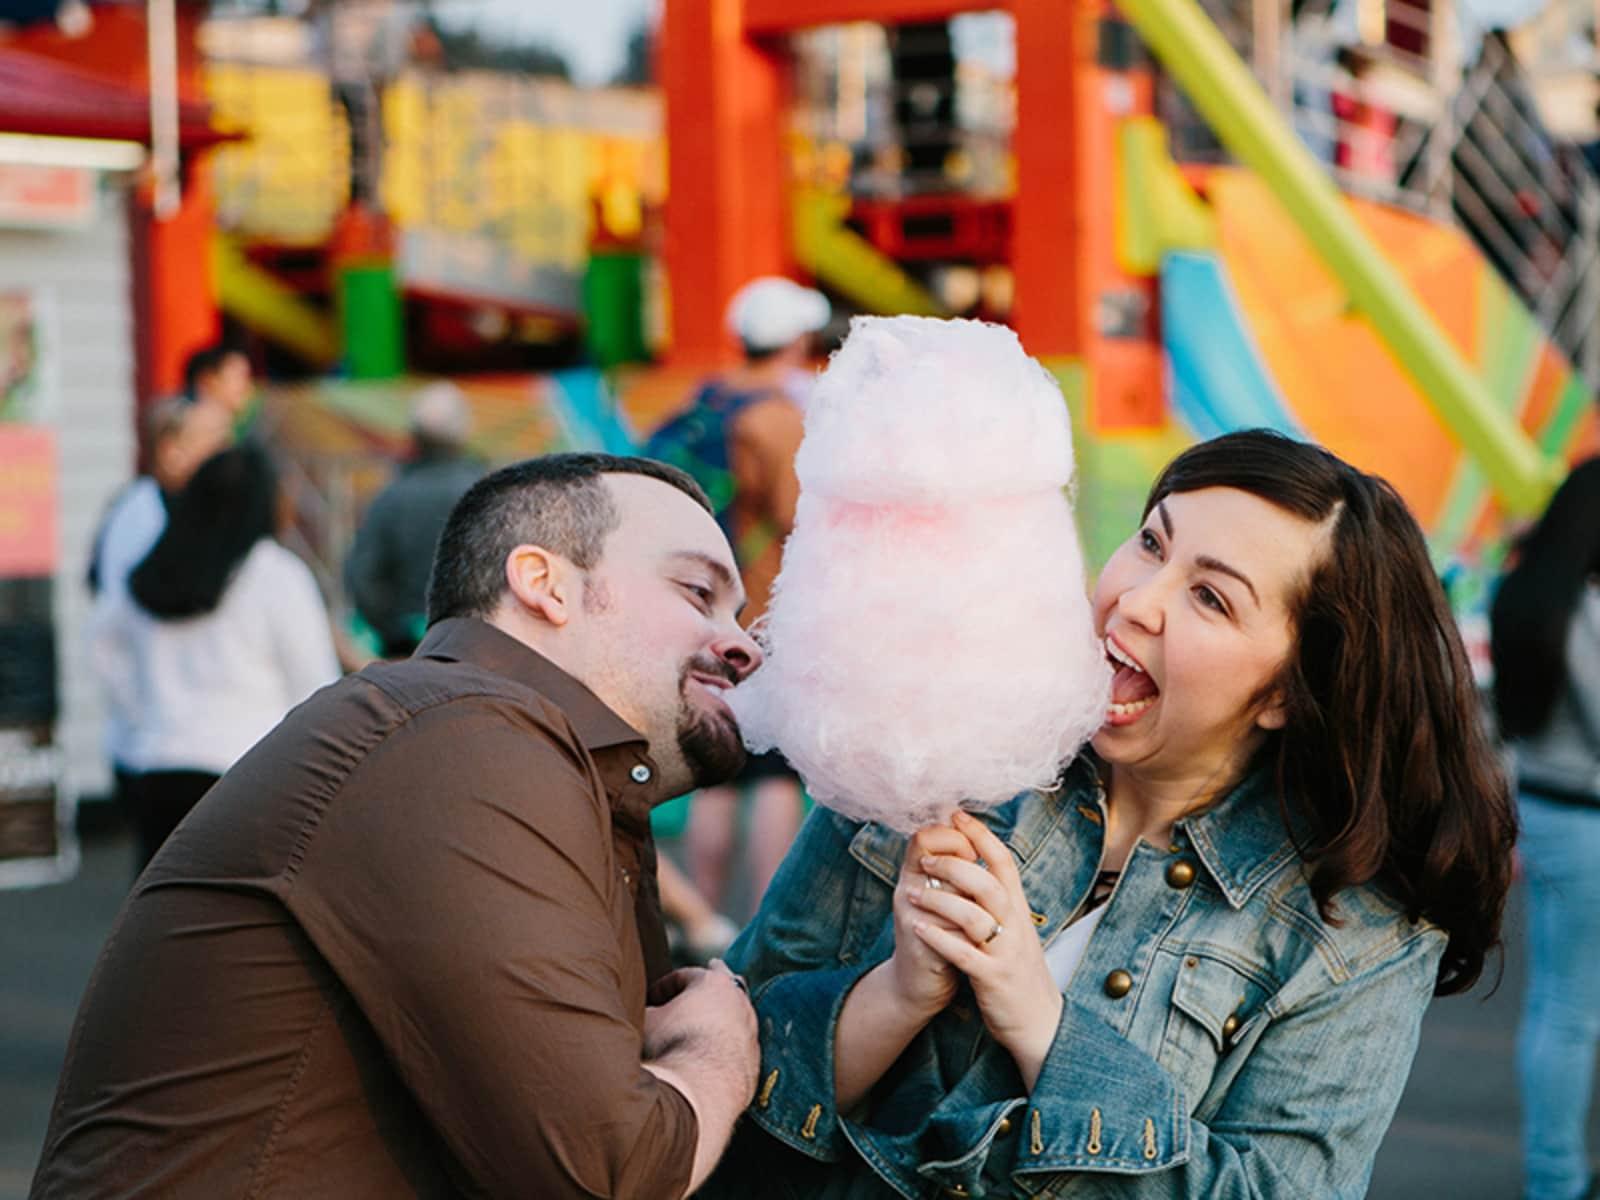 Danielle & Jake from Seattle, Washington, United States